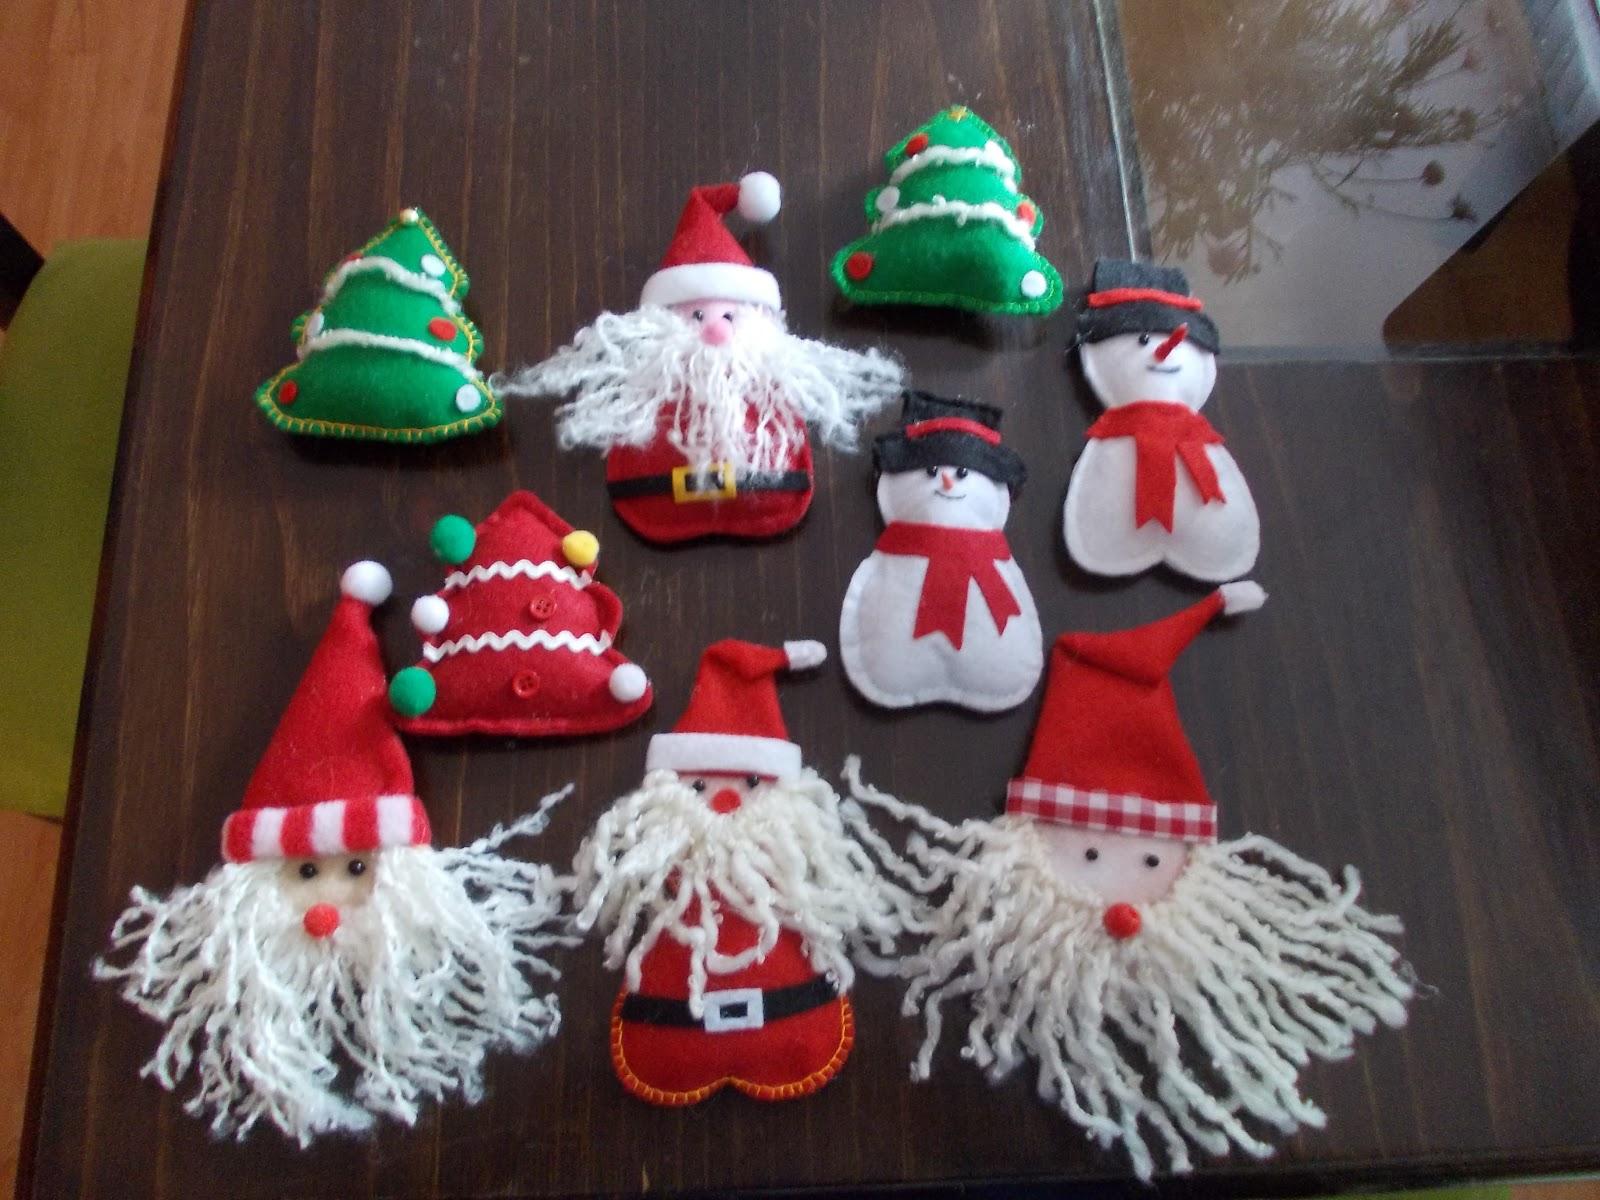 Adornos y regalos de navidad adornos para rbol de navidad - Arboles de navidad adornos ...